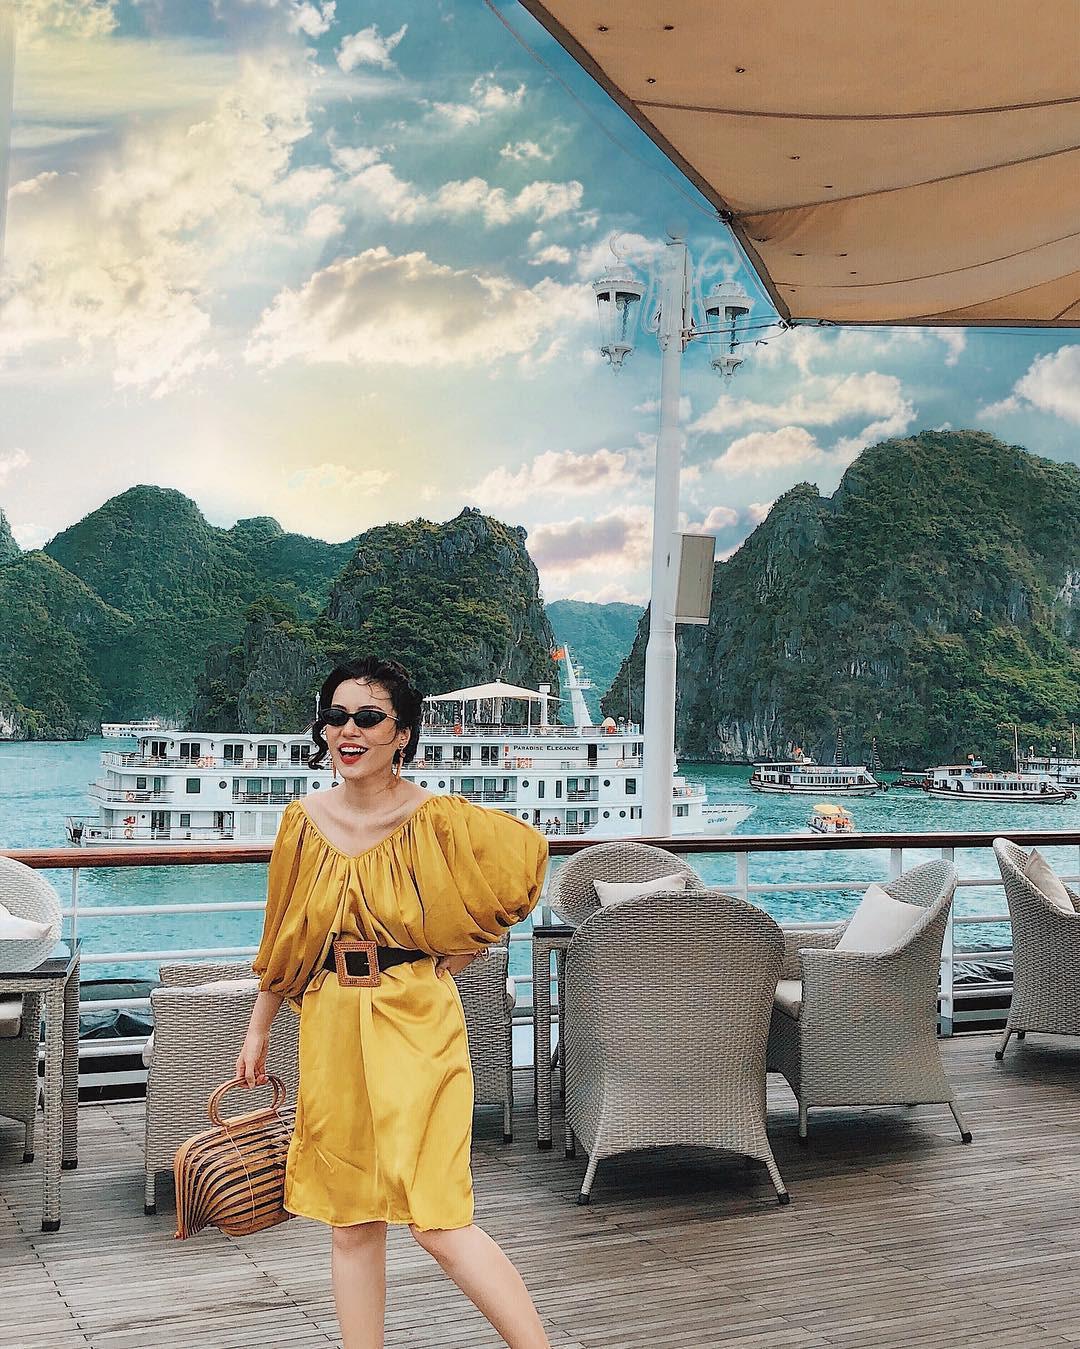 Kham pha Quang Ninh qua nhung buc hinh check-in cua gioi tre hinh anh 2